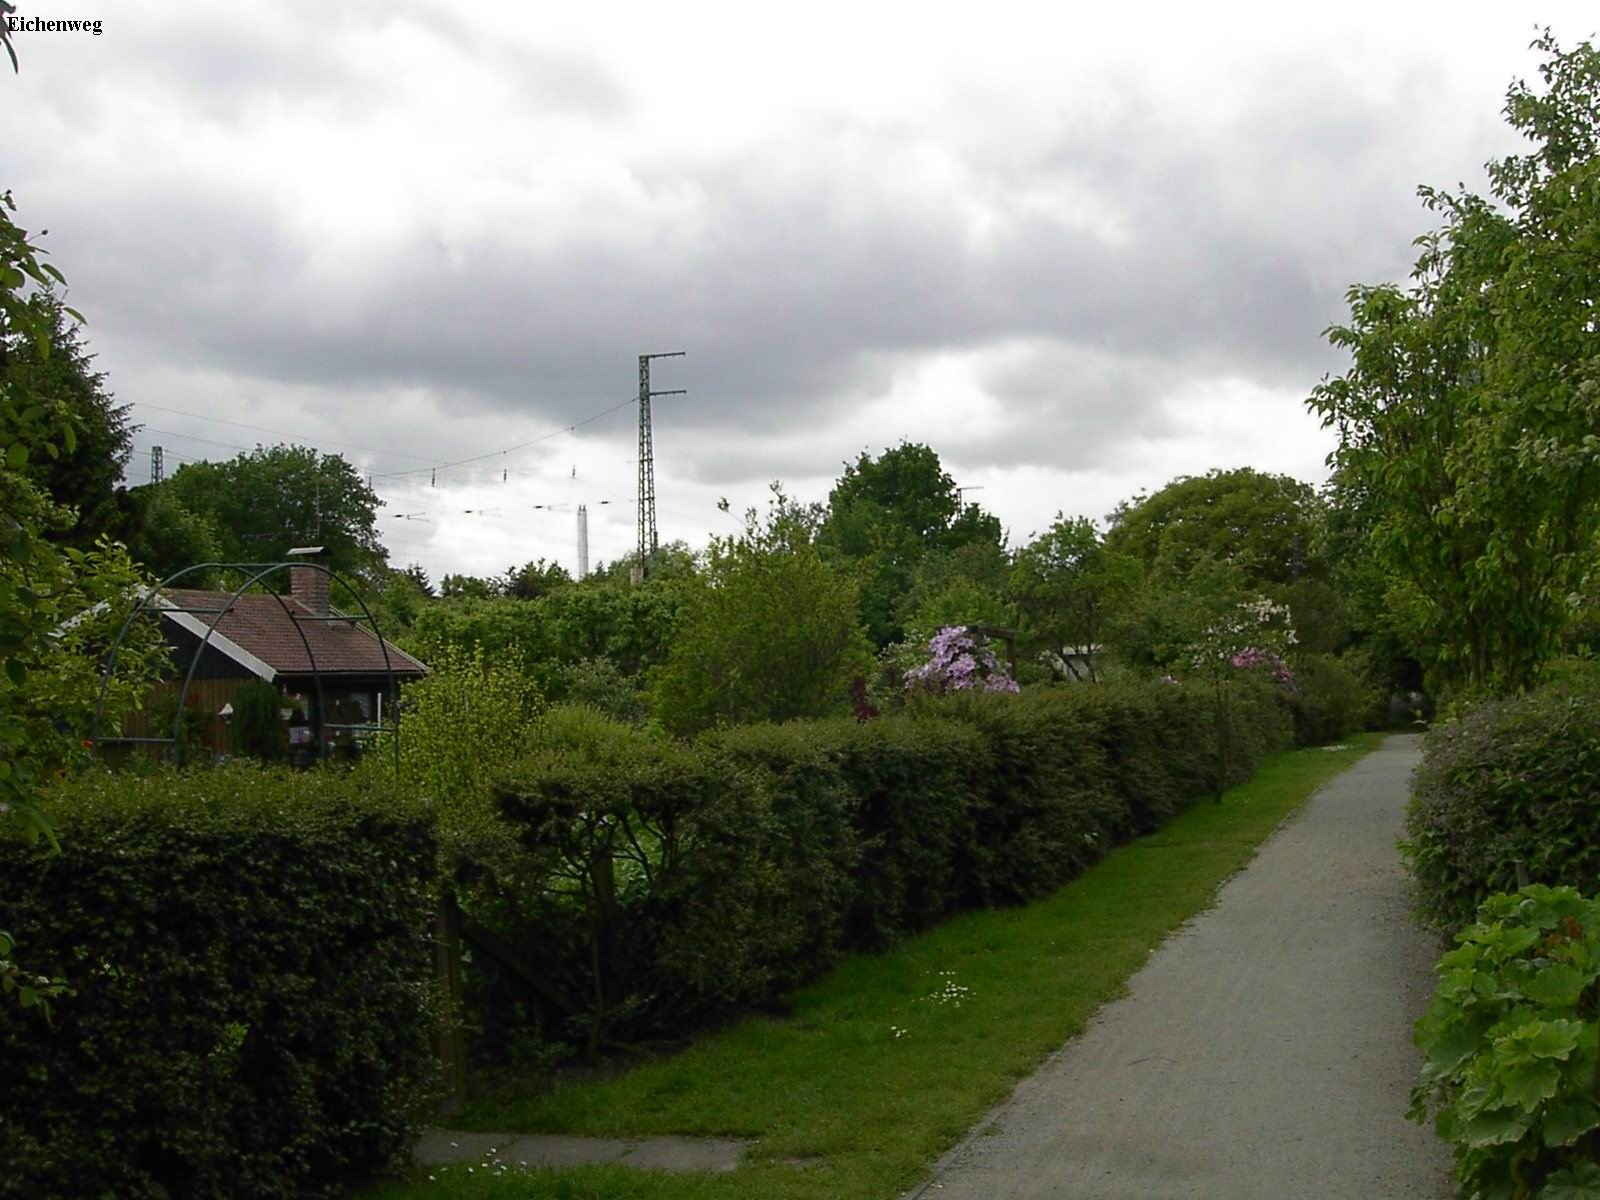 Eichenweg aus der Altanlage in Richtung Stadtmitte Mai 2011